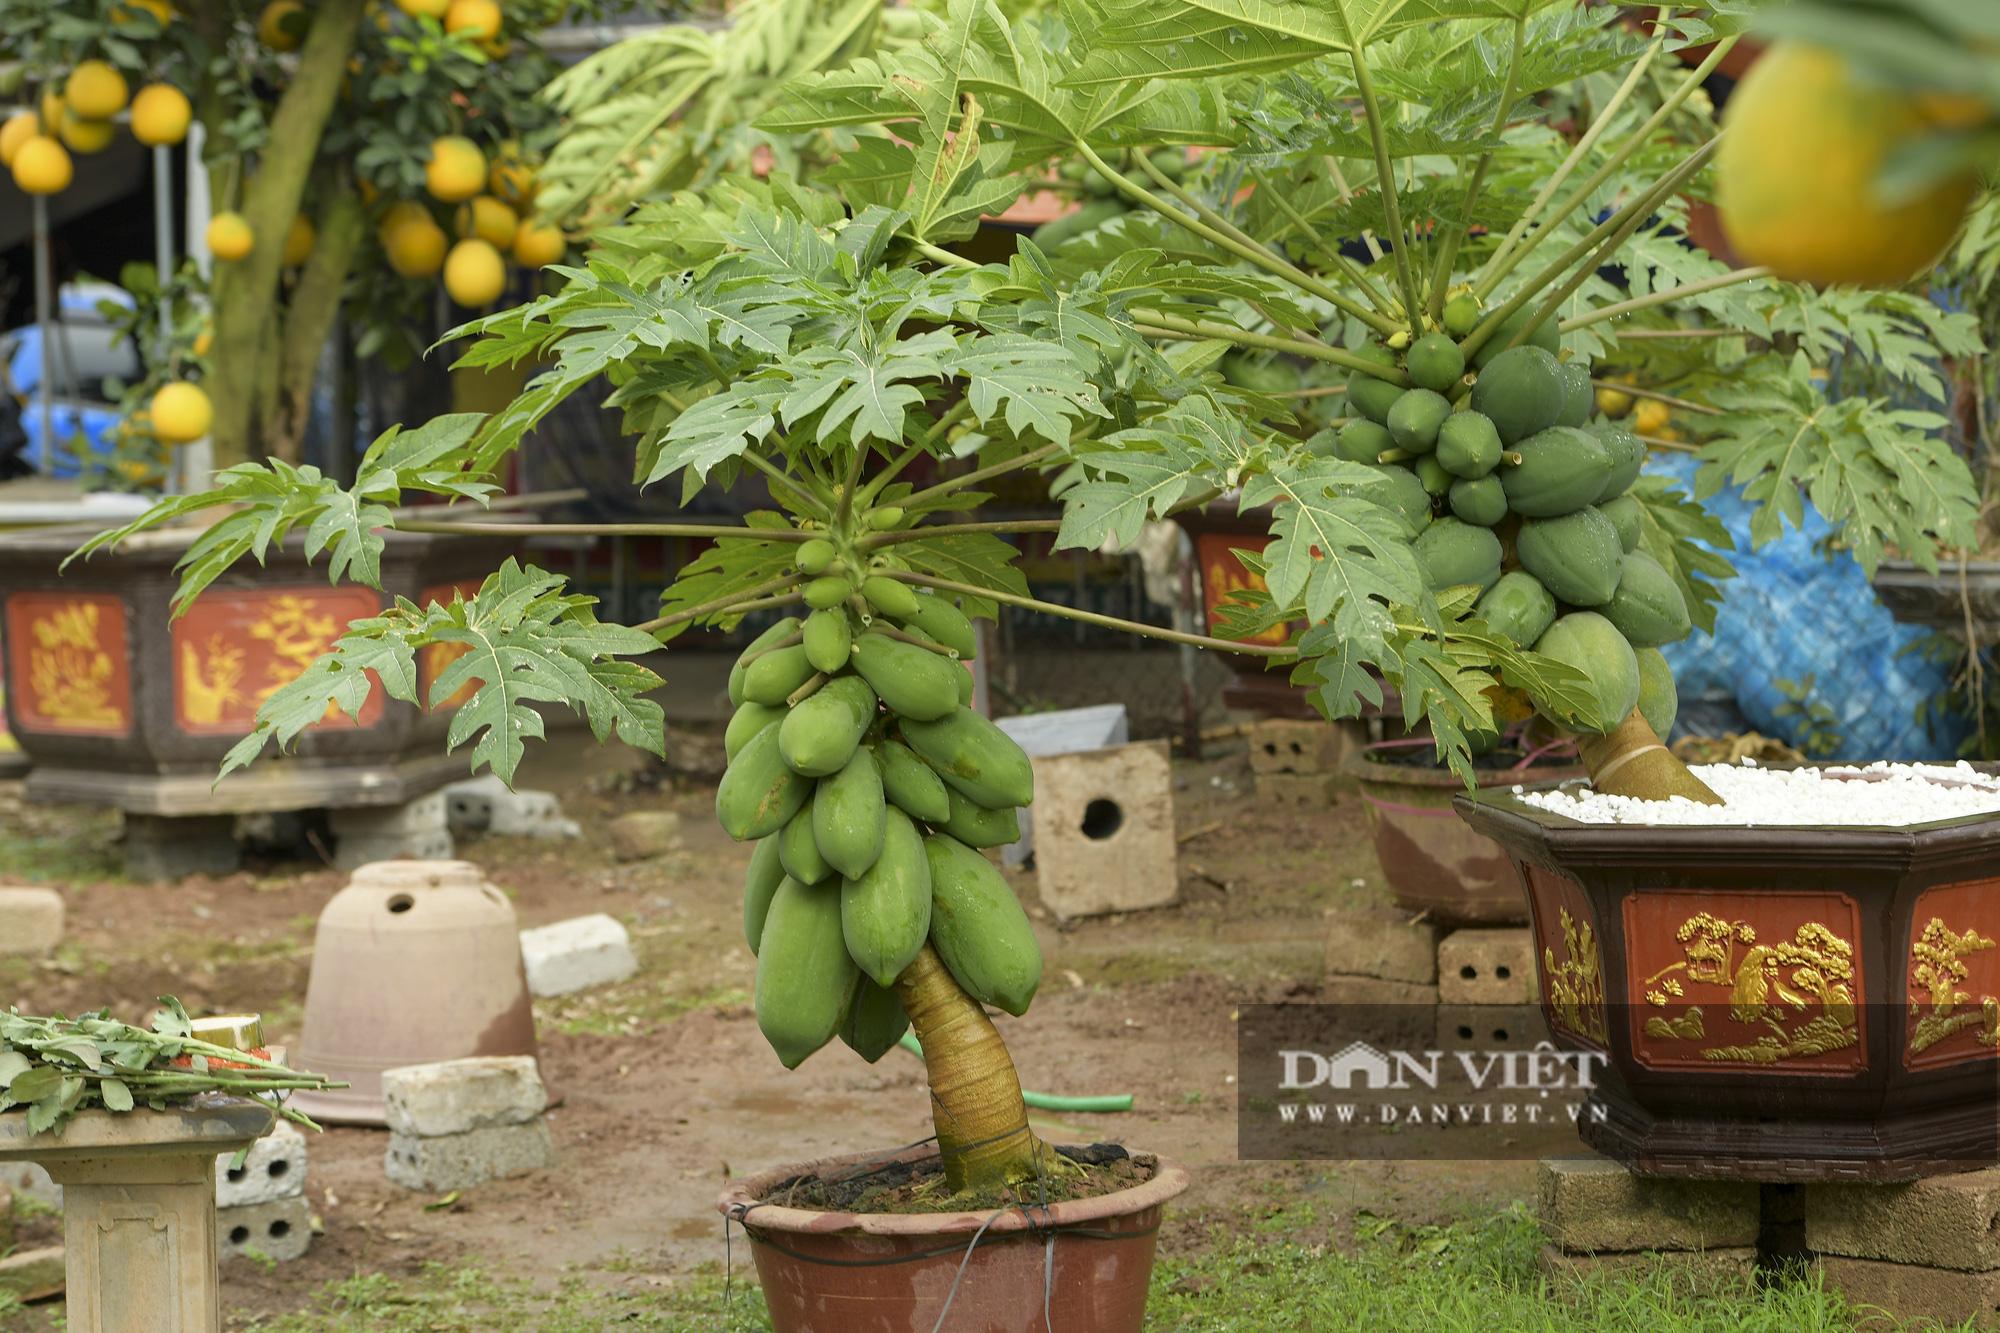 Độc đáo vườn đu đủ bonsai trĩu quả chơi Tết, mỗi cây giá bạc triệu hút khách mua chơi Tết - Ảnh 1.